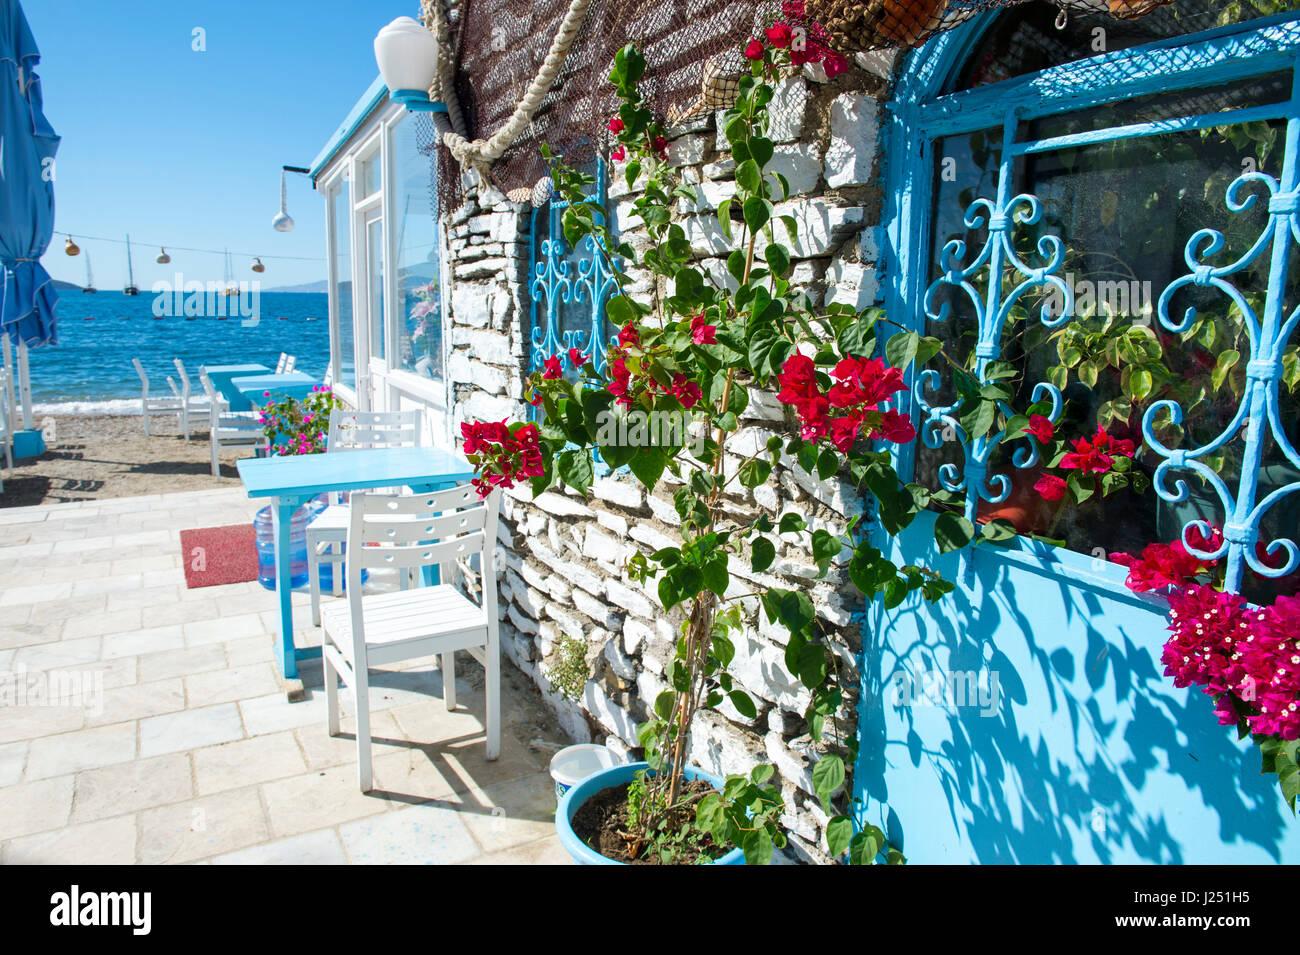 Mañana brillante ver con los clásicos colores mediterráneos y flores en Bodrum, Turquía Imagen De Stock